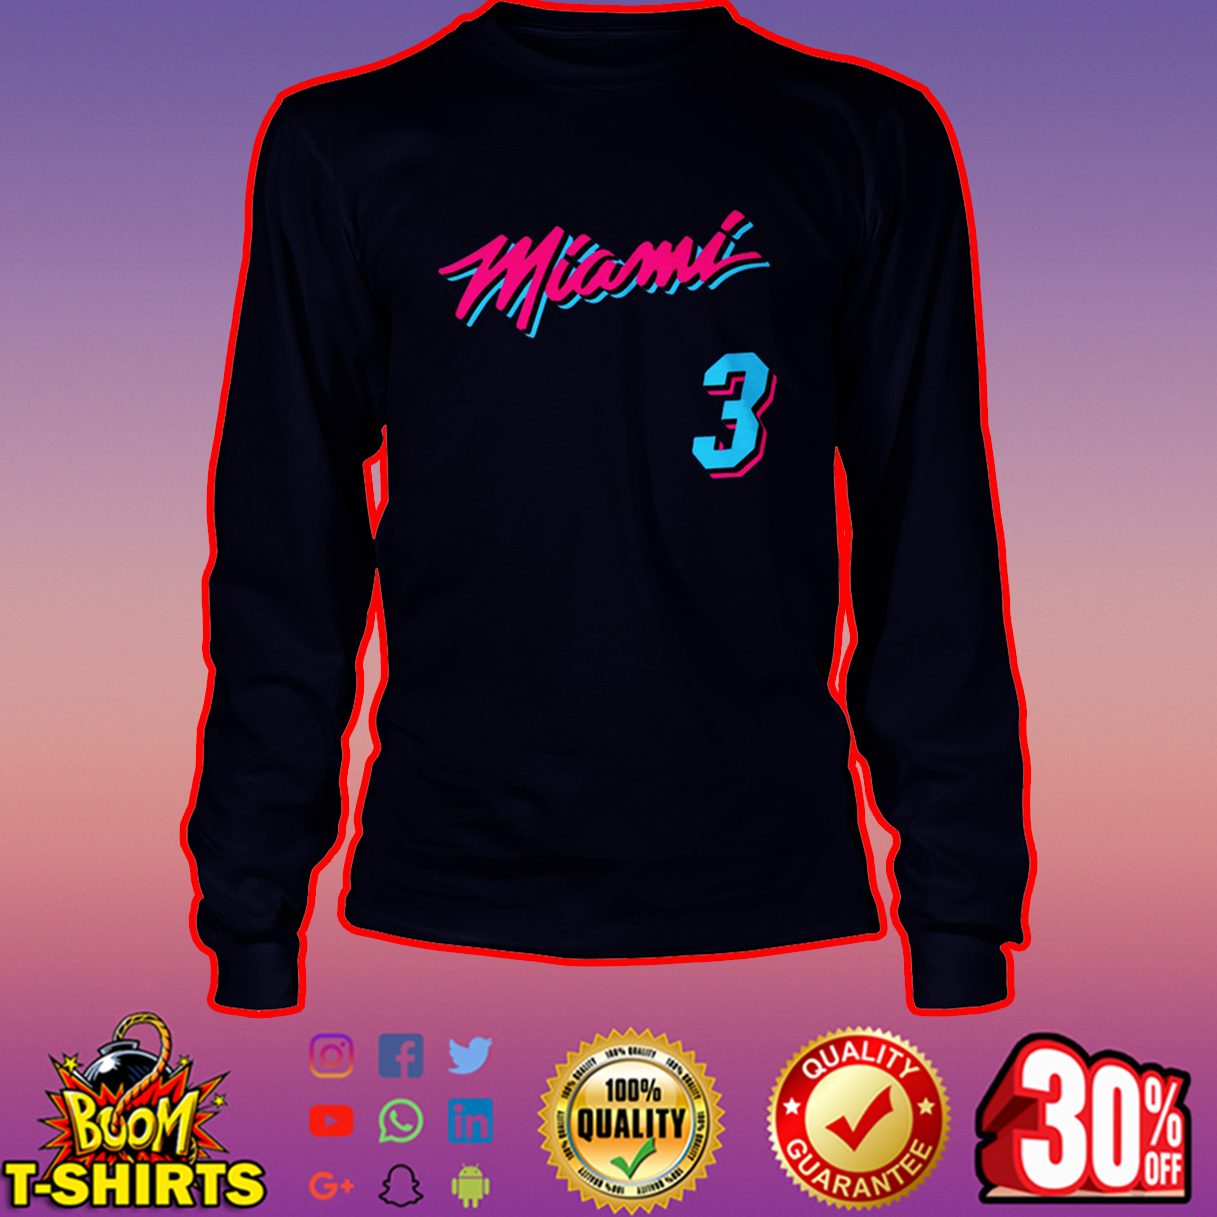 Miami Heat 3 long sleeve tee